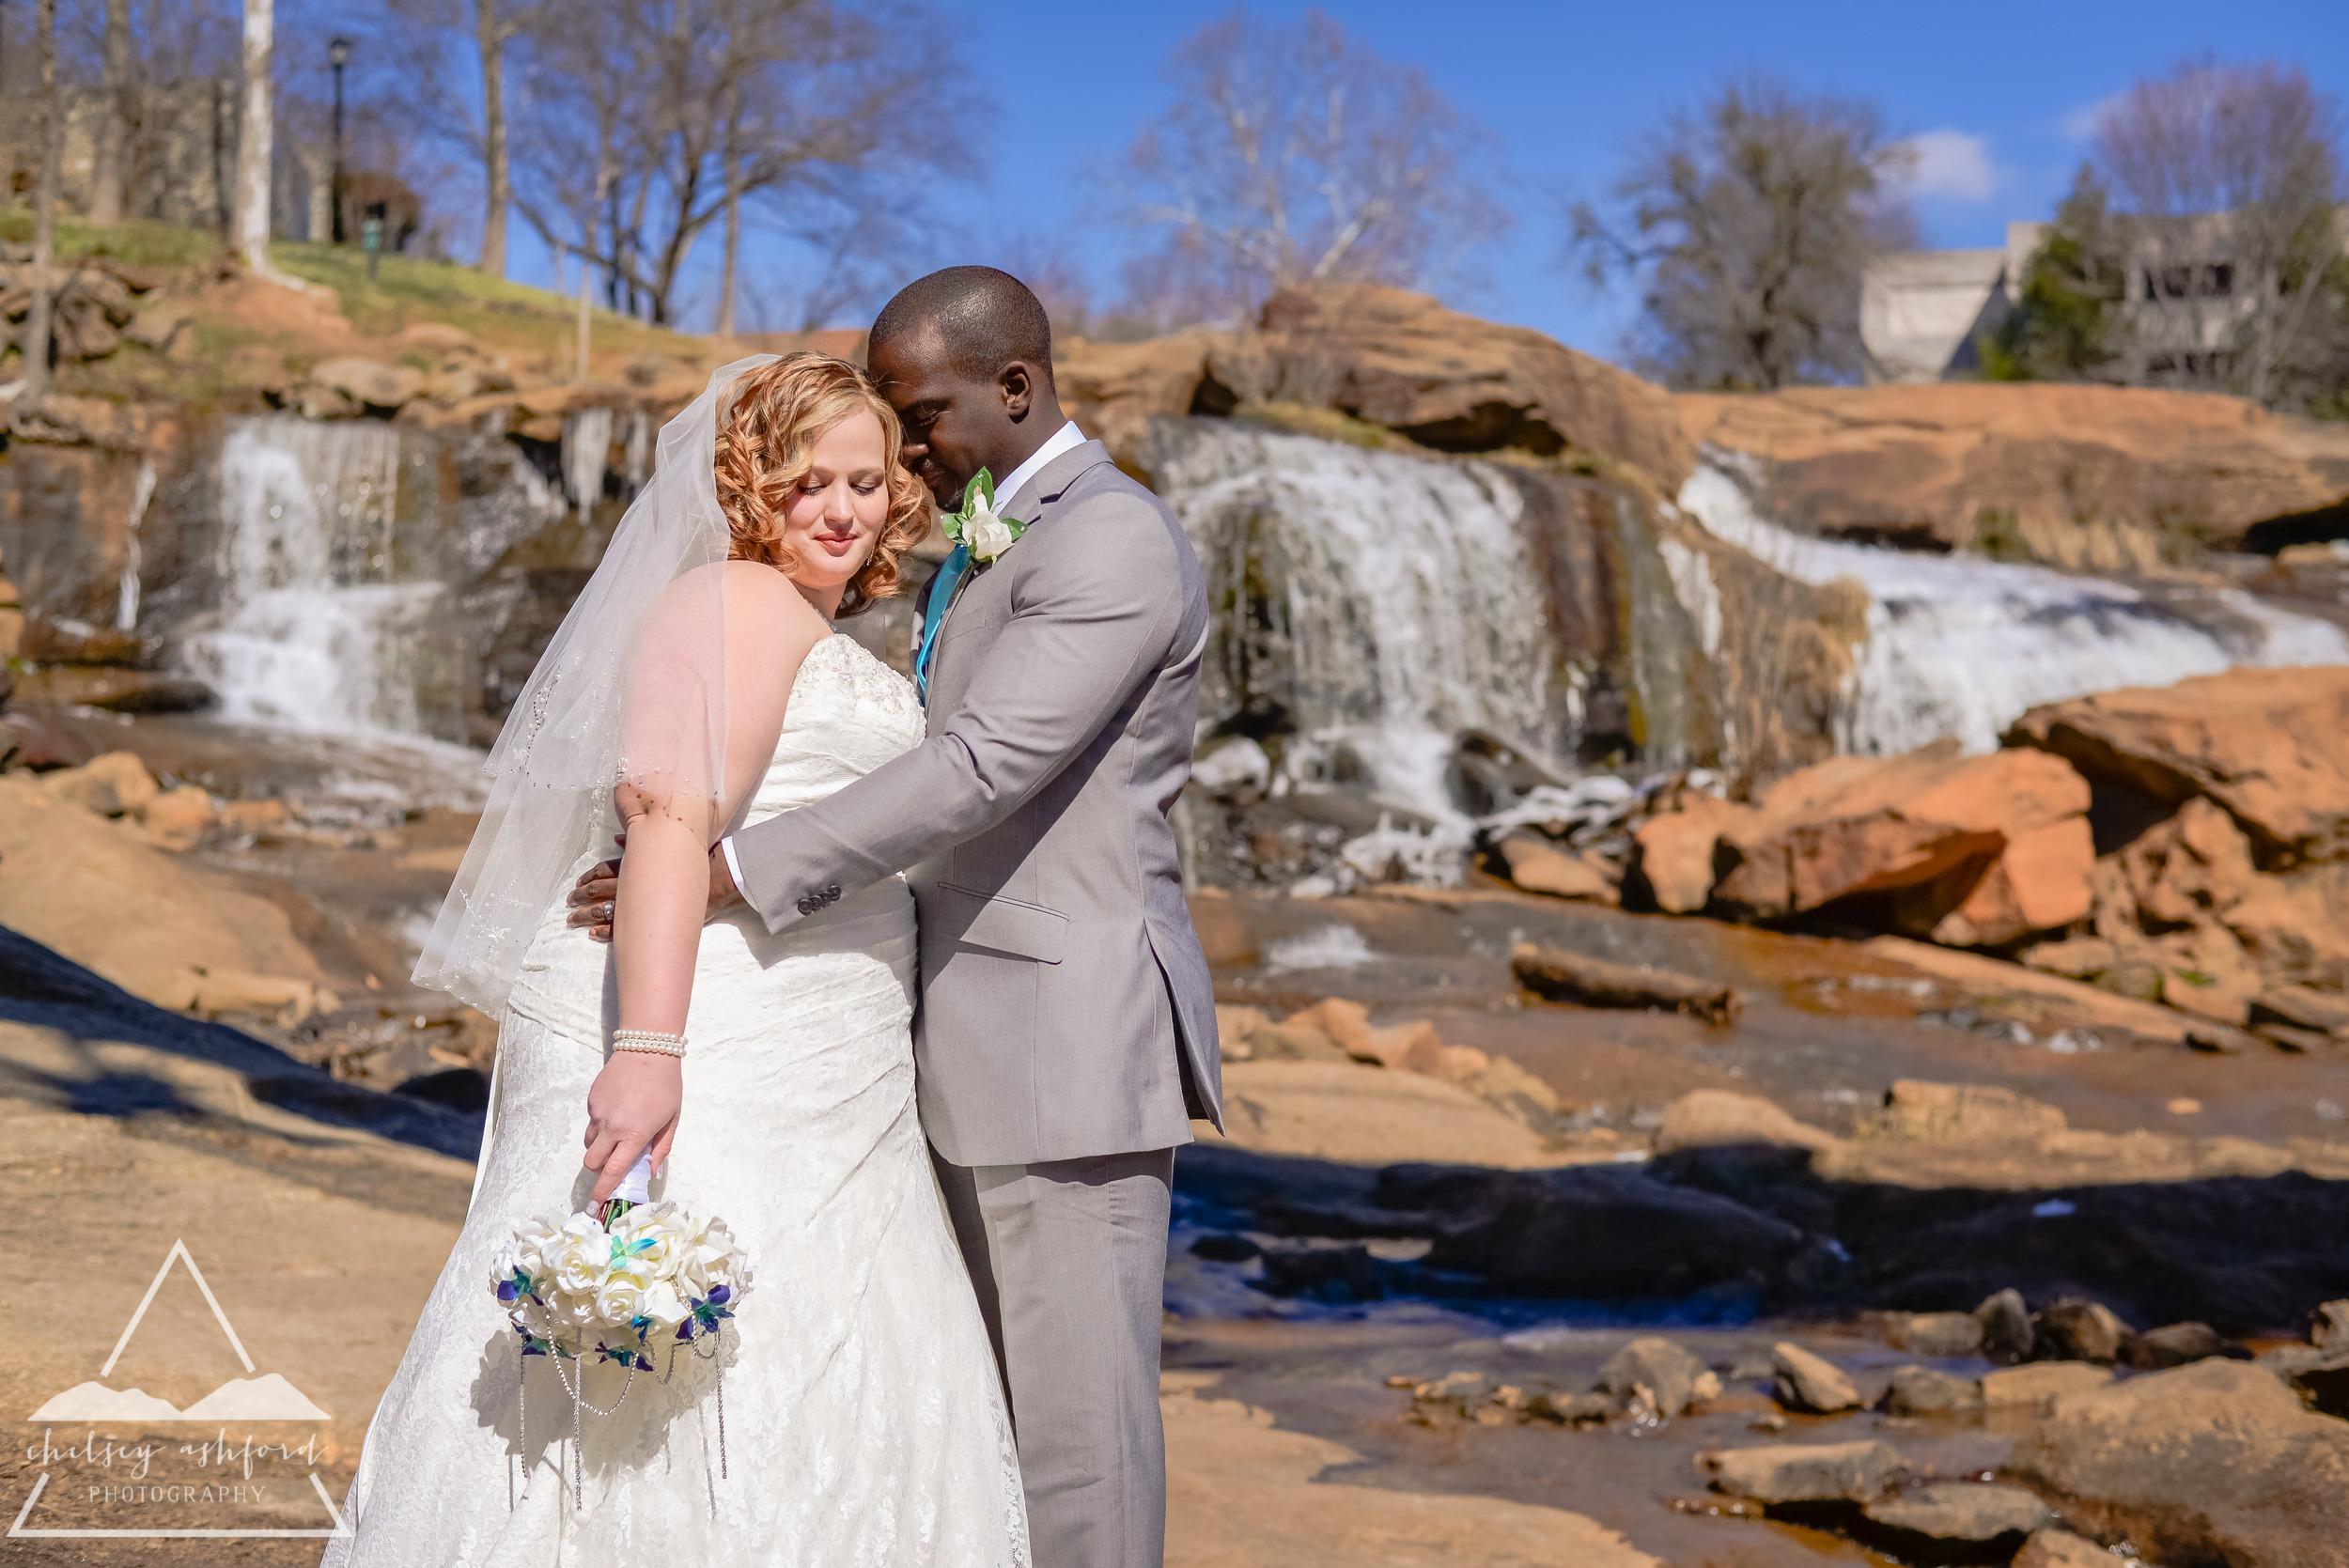 Jessie_Sean_Wedding_Web-64.jpg